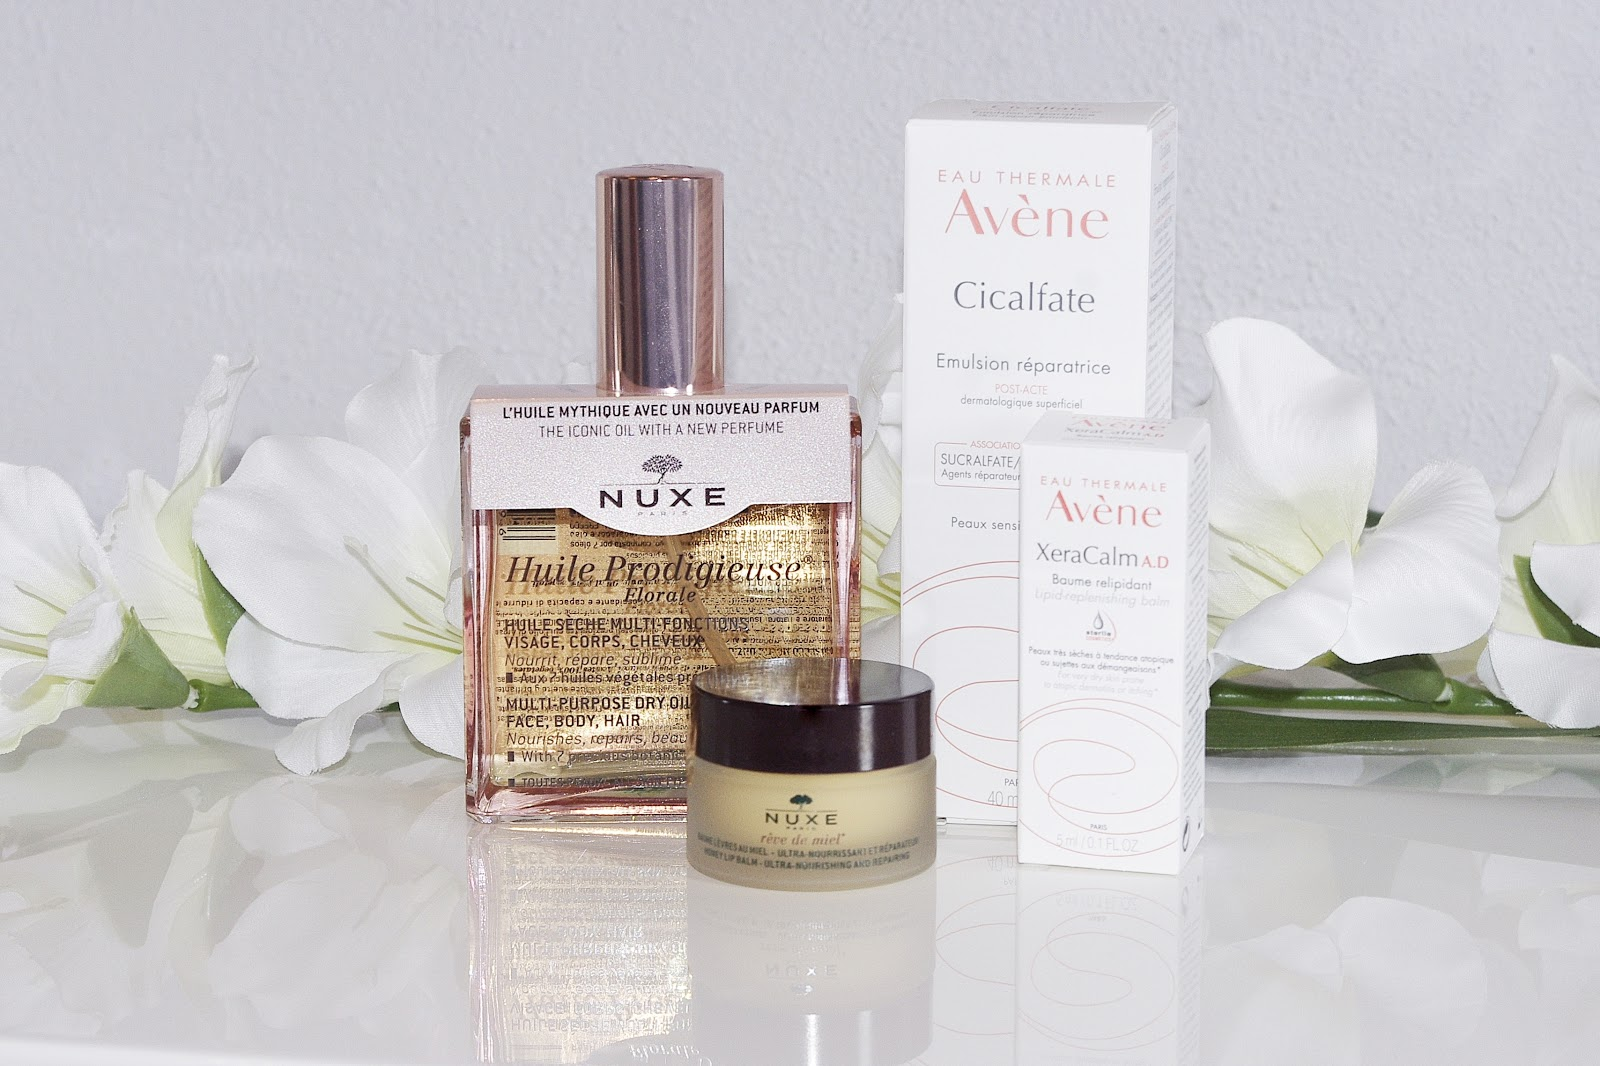 Prodigeuse Florale Nuxe Reve de Miel Honey Lip Balm Avene Cicalfate Post Acte Emulsja Regenerująca